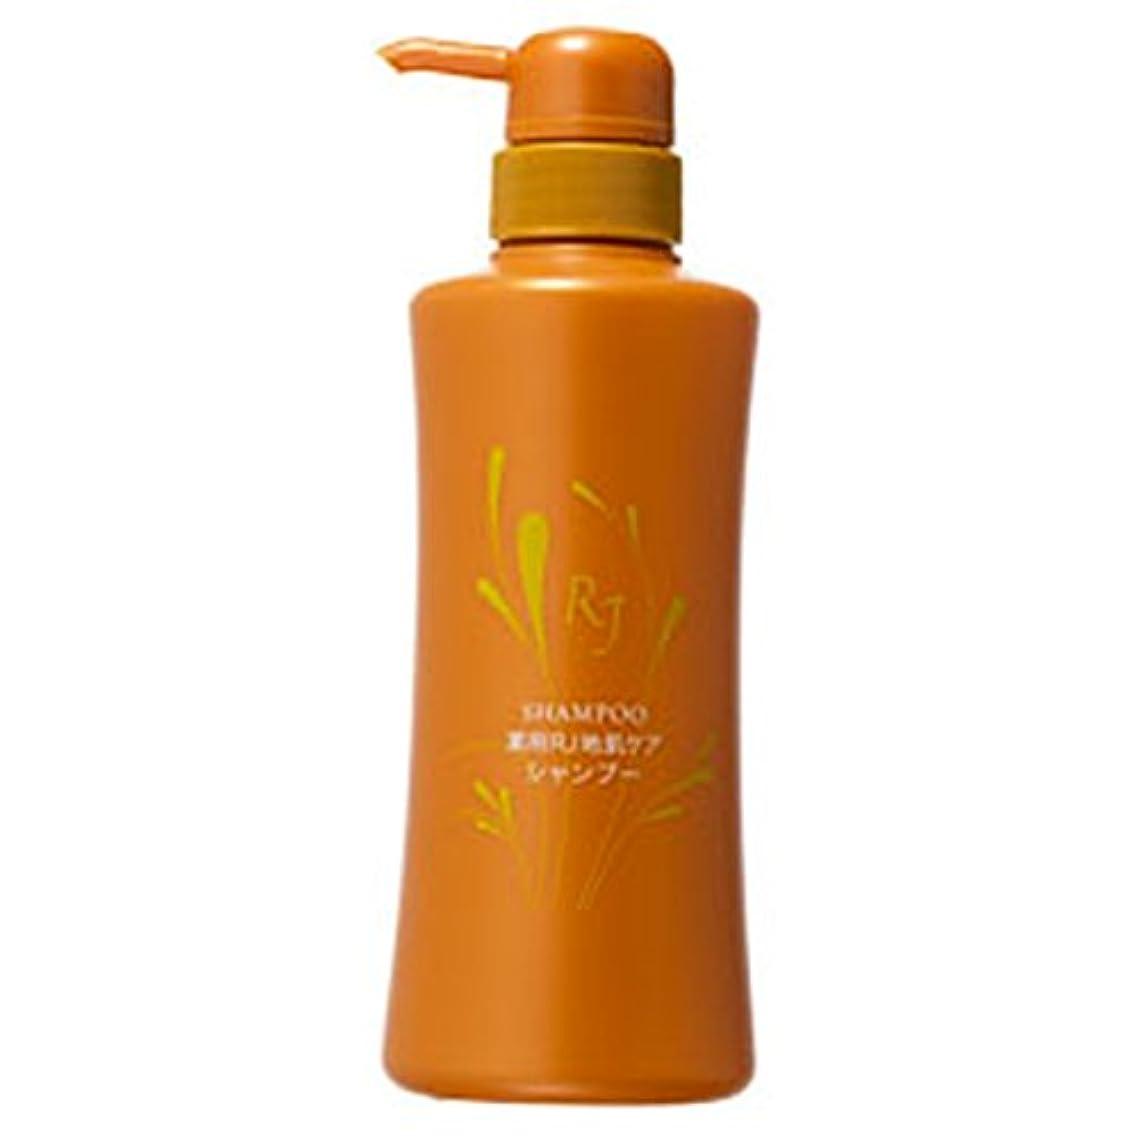 薬用RJ地肌(頭皮) ケア シャンプー 医薬部外品 400ml/ RJ Scalp Care Shampoo <400ml>, medicinal